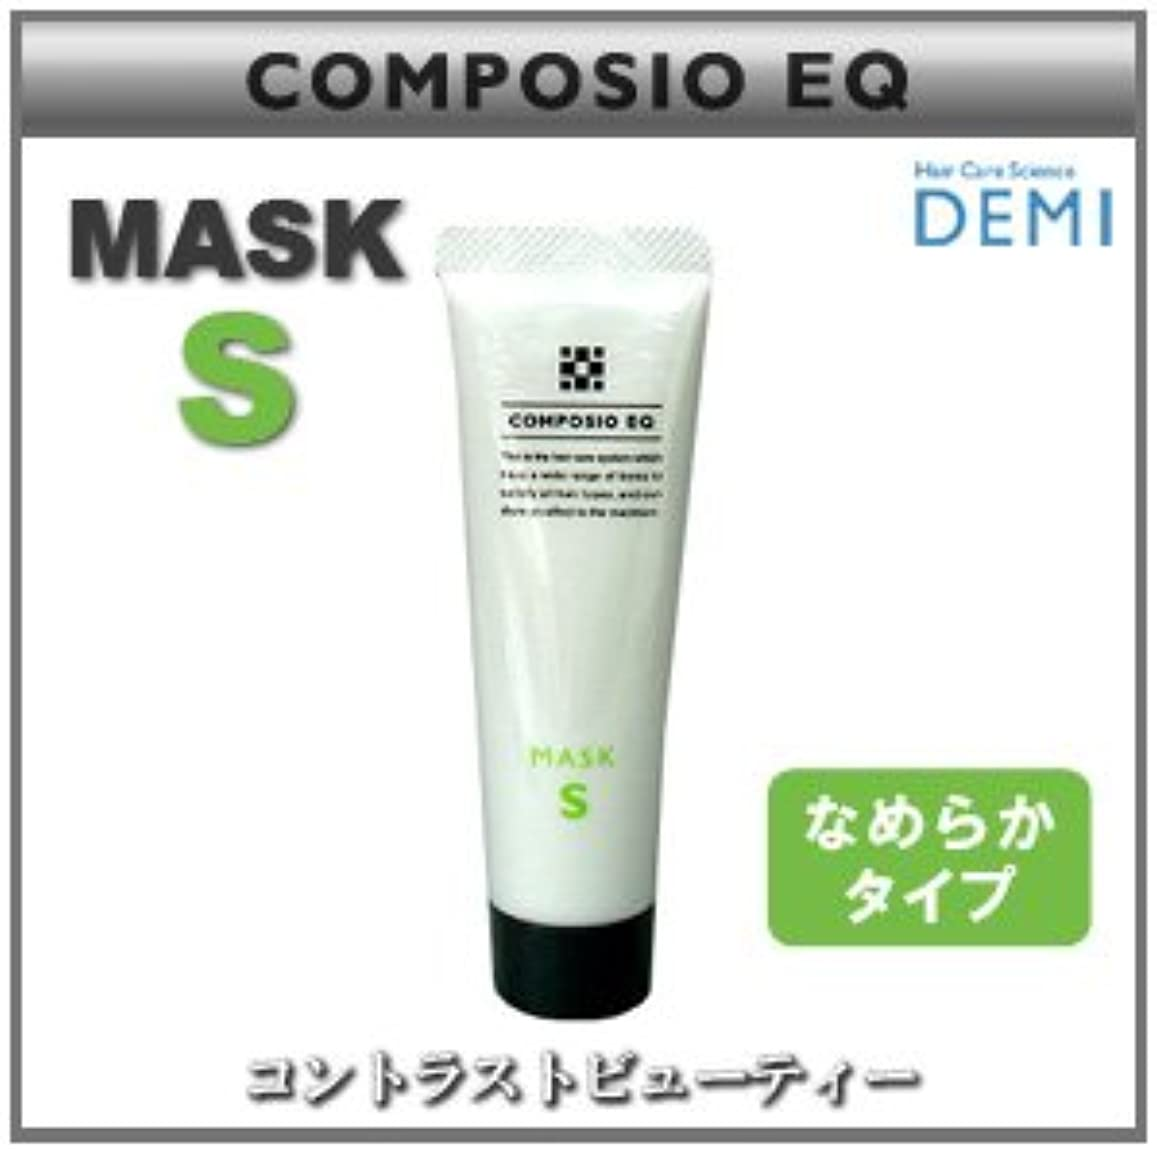 チェス生命体フォルダ【X2個セット】 デミ コンポジオ EQ マスク S 50g